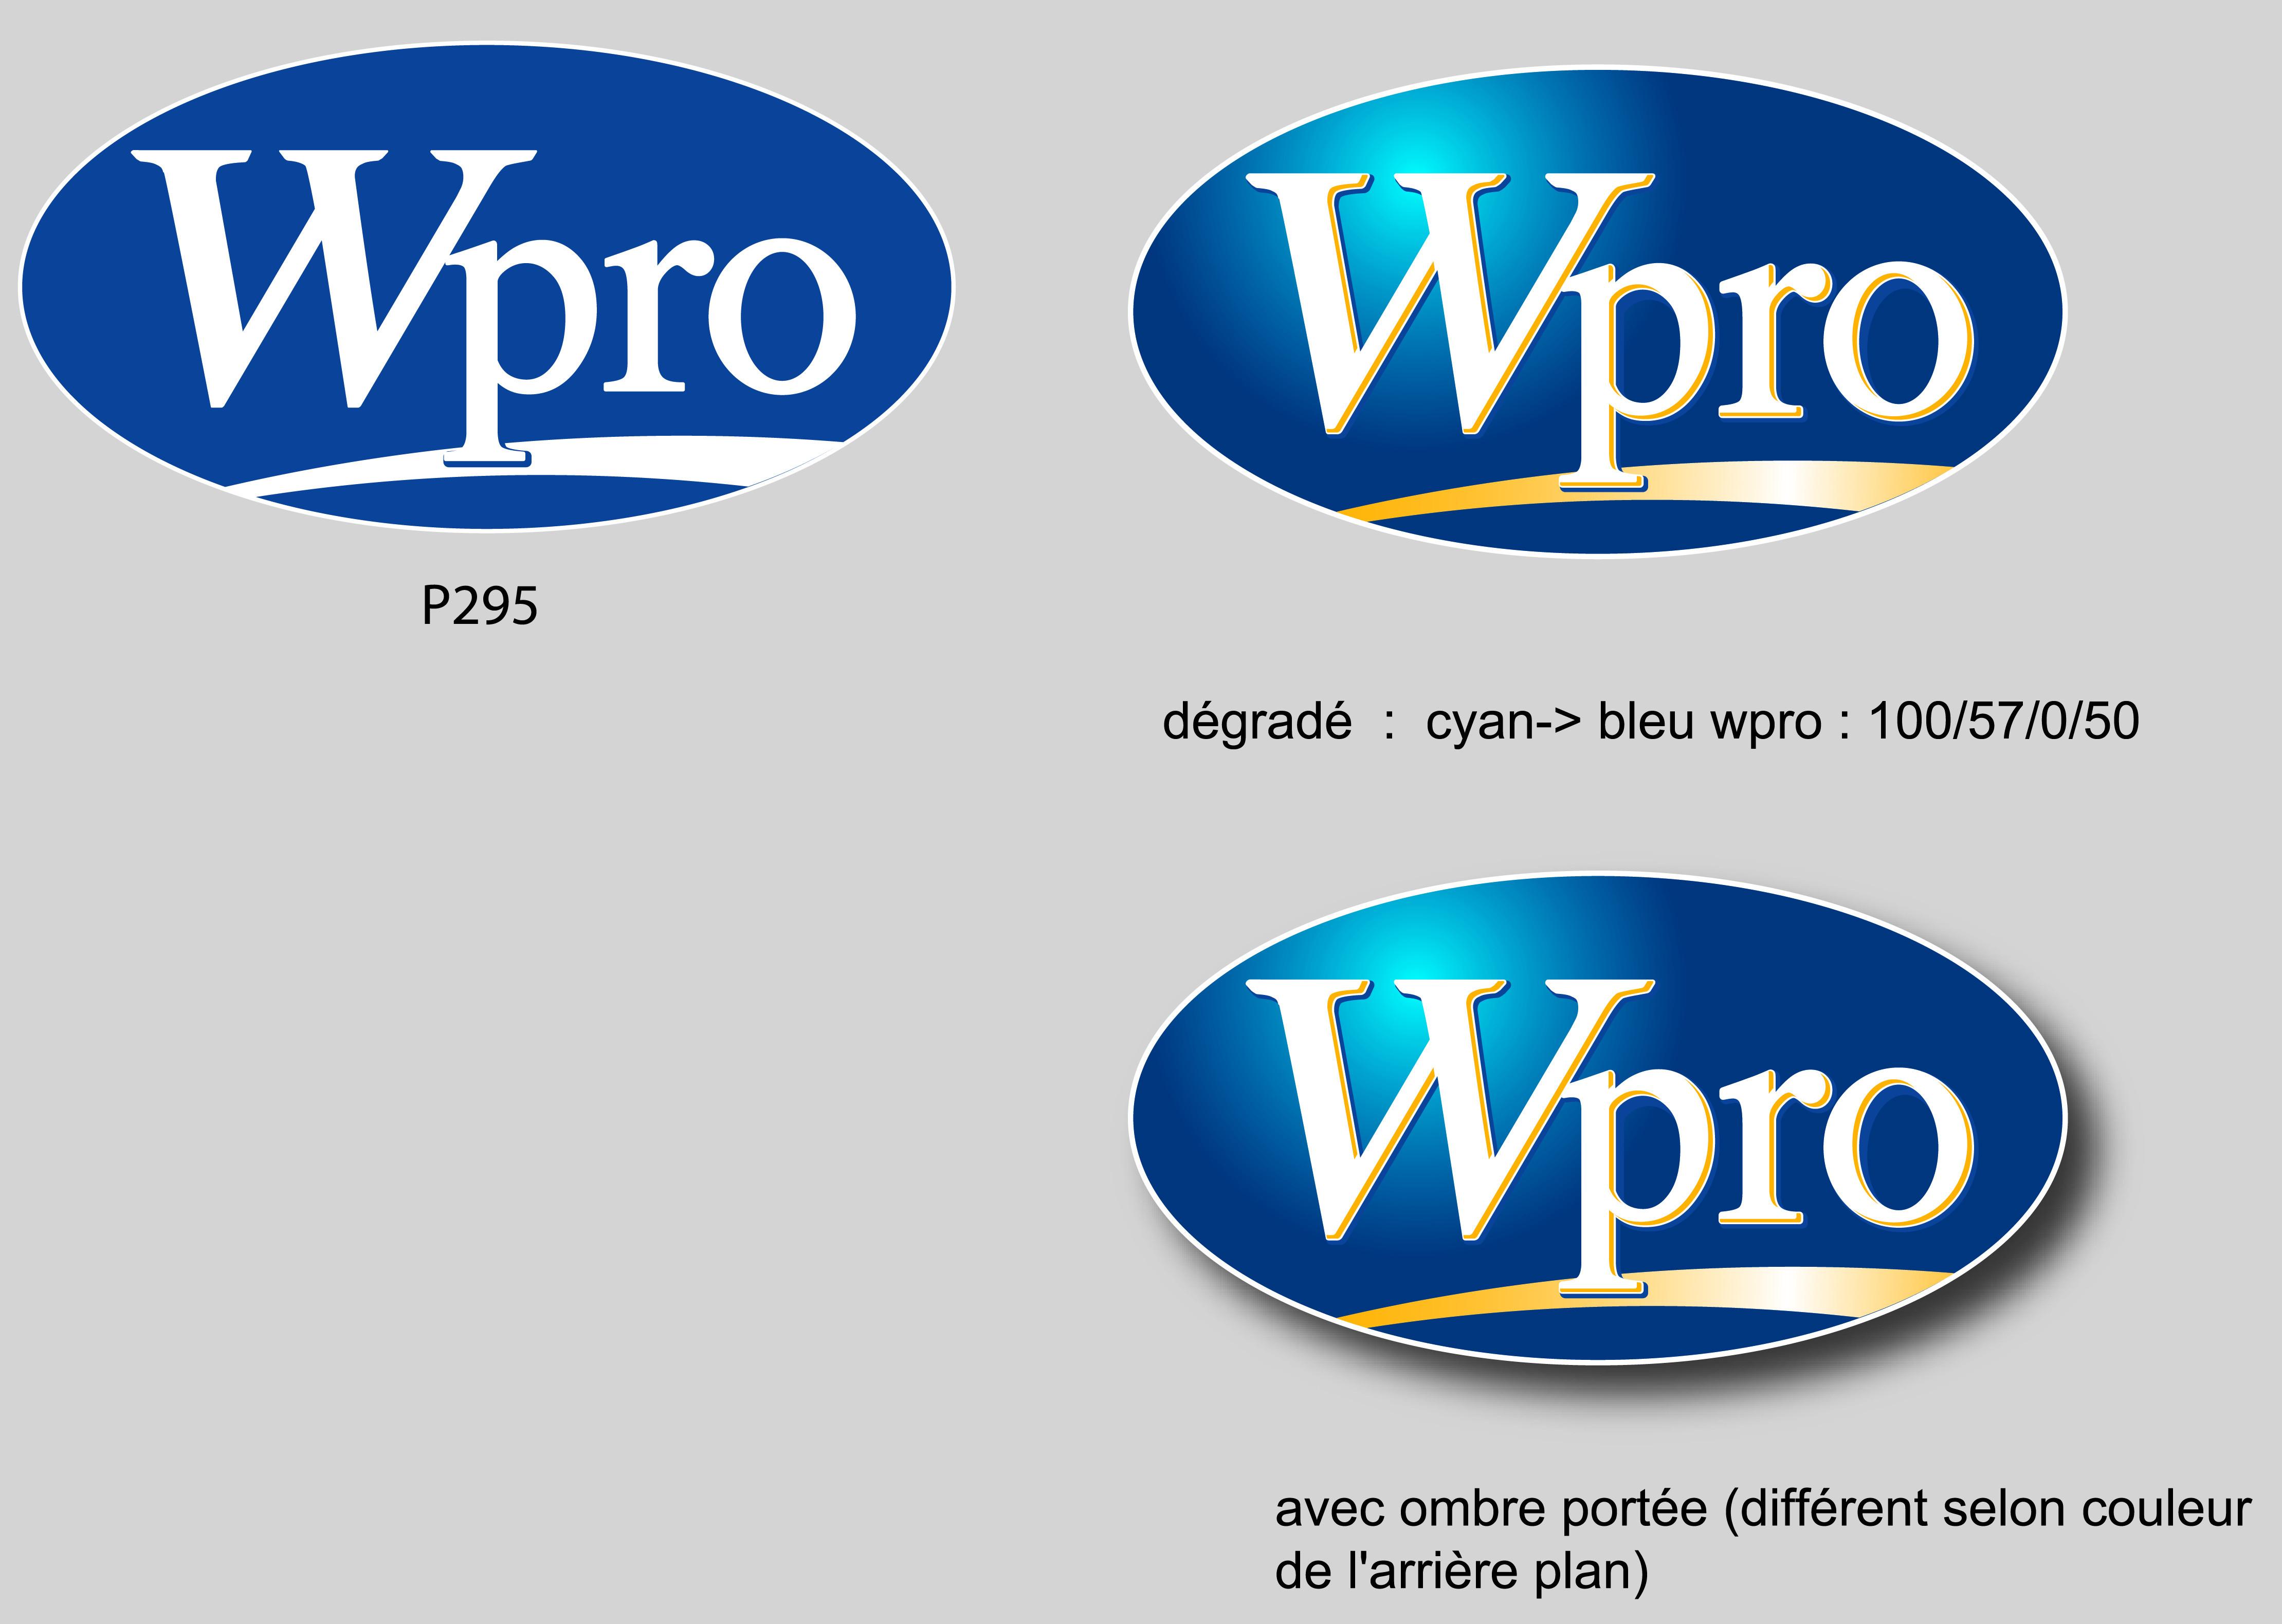 W-PRO